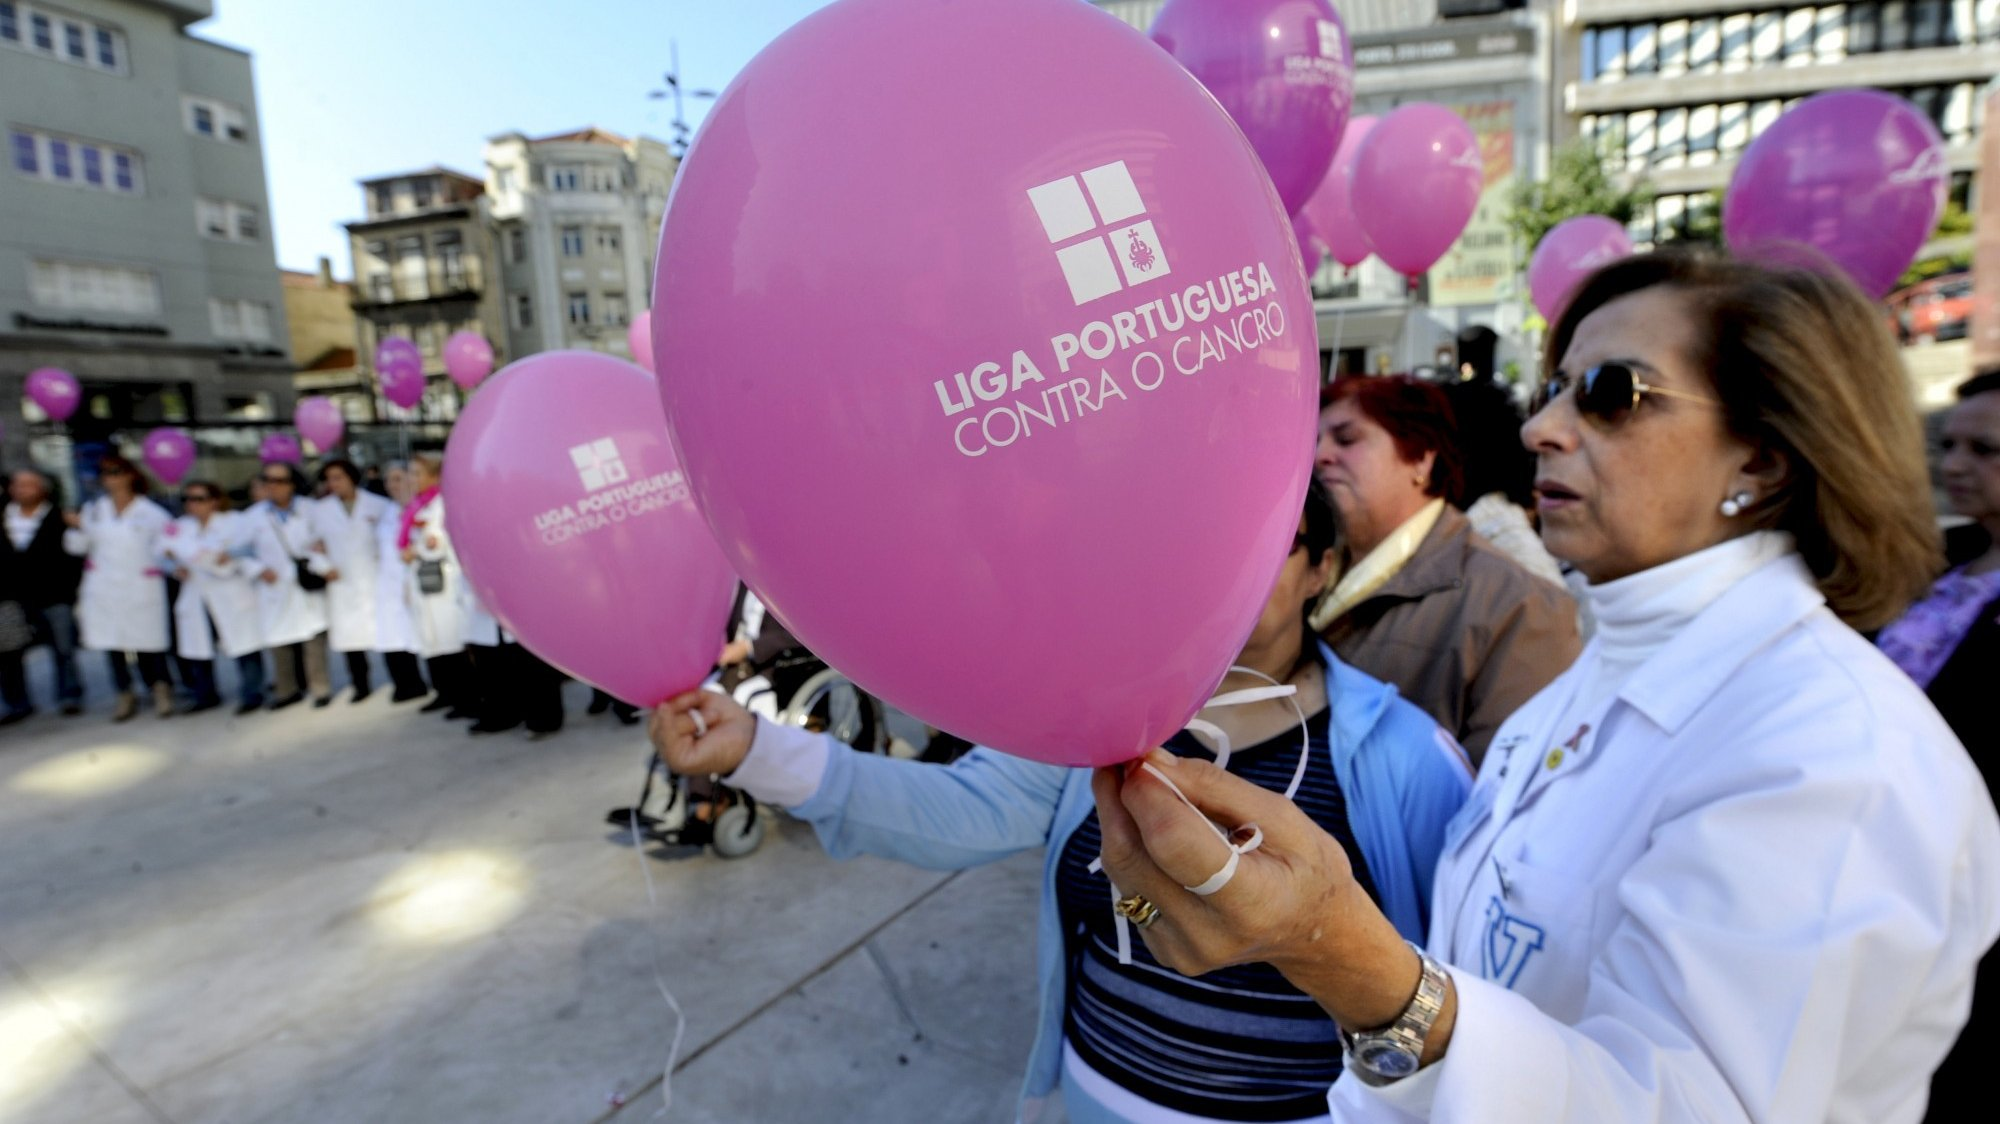 Dia Nacional da Prevenção Contra o Cancro da Mama